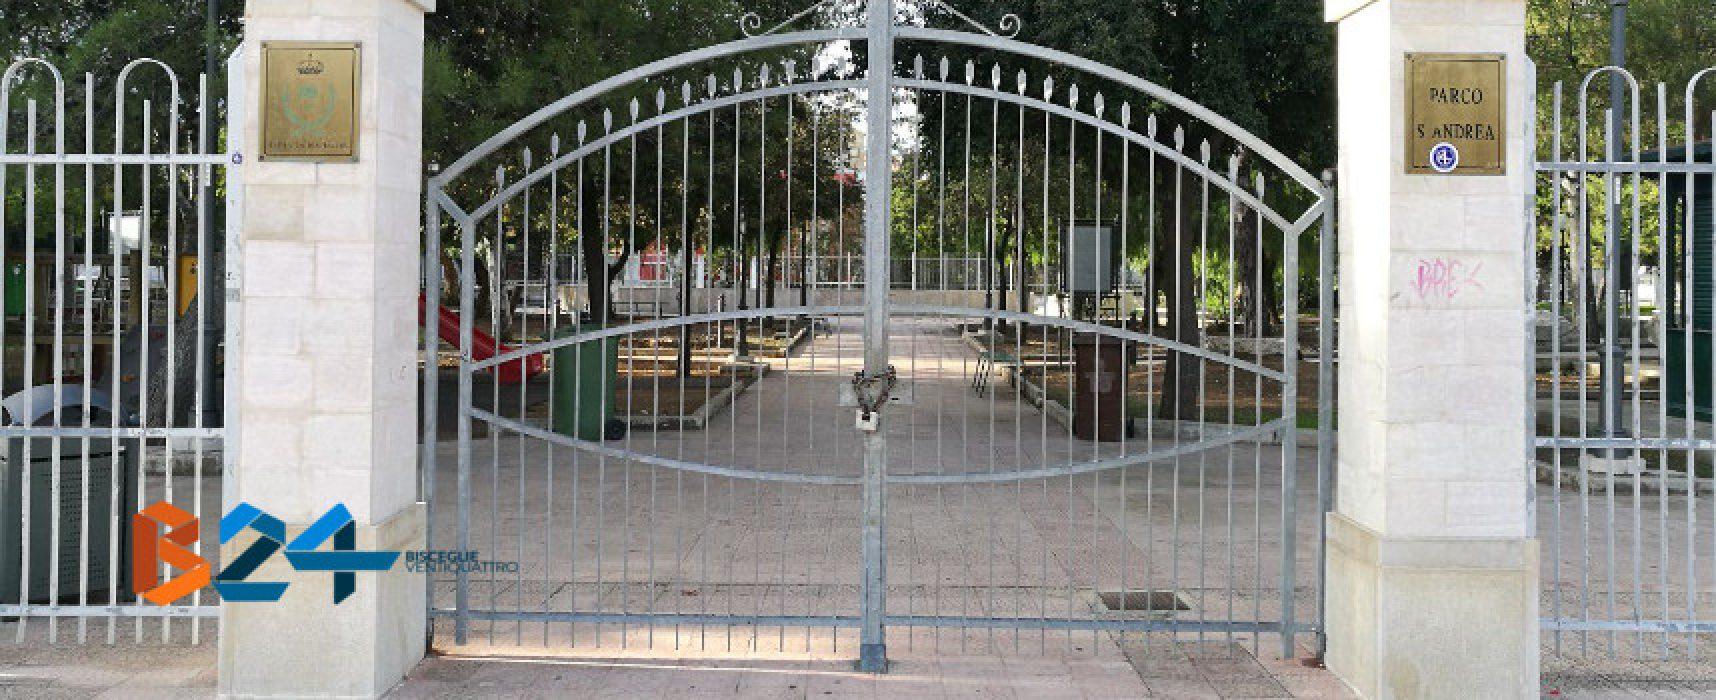 """Parco sant'Andrea ancora chiuso, i chiarimenti dell'associazione """"Il Villaggio degli Angeli"""""""